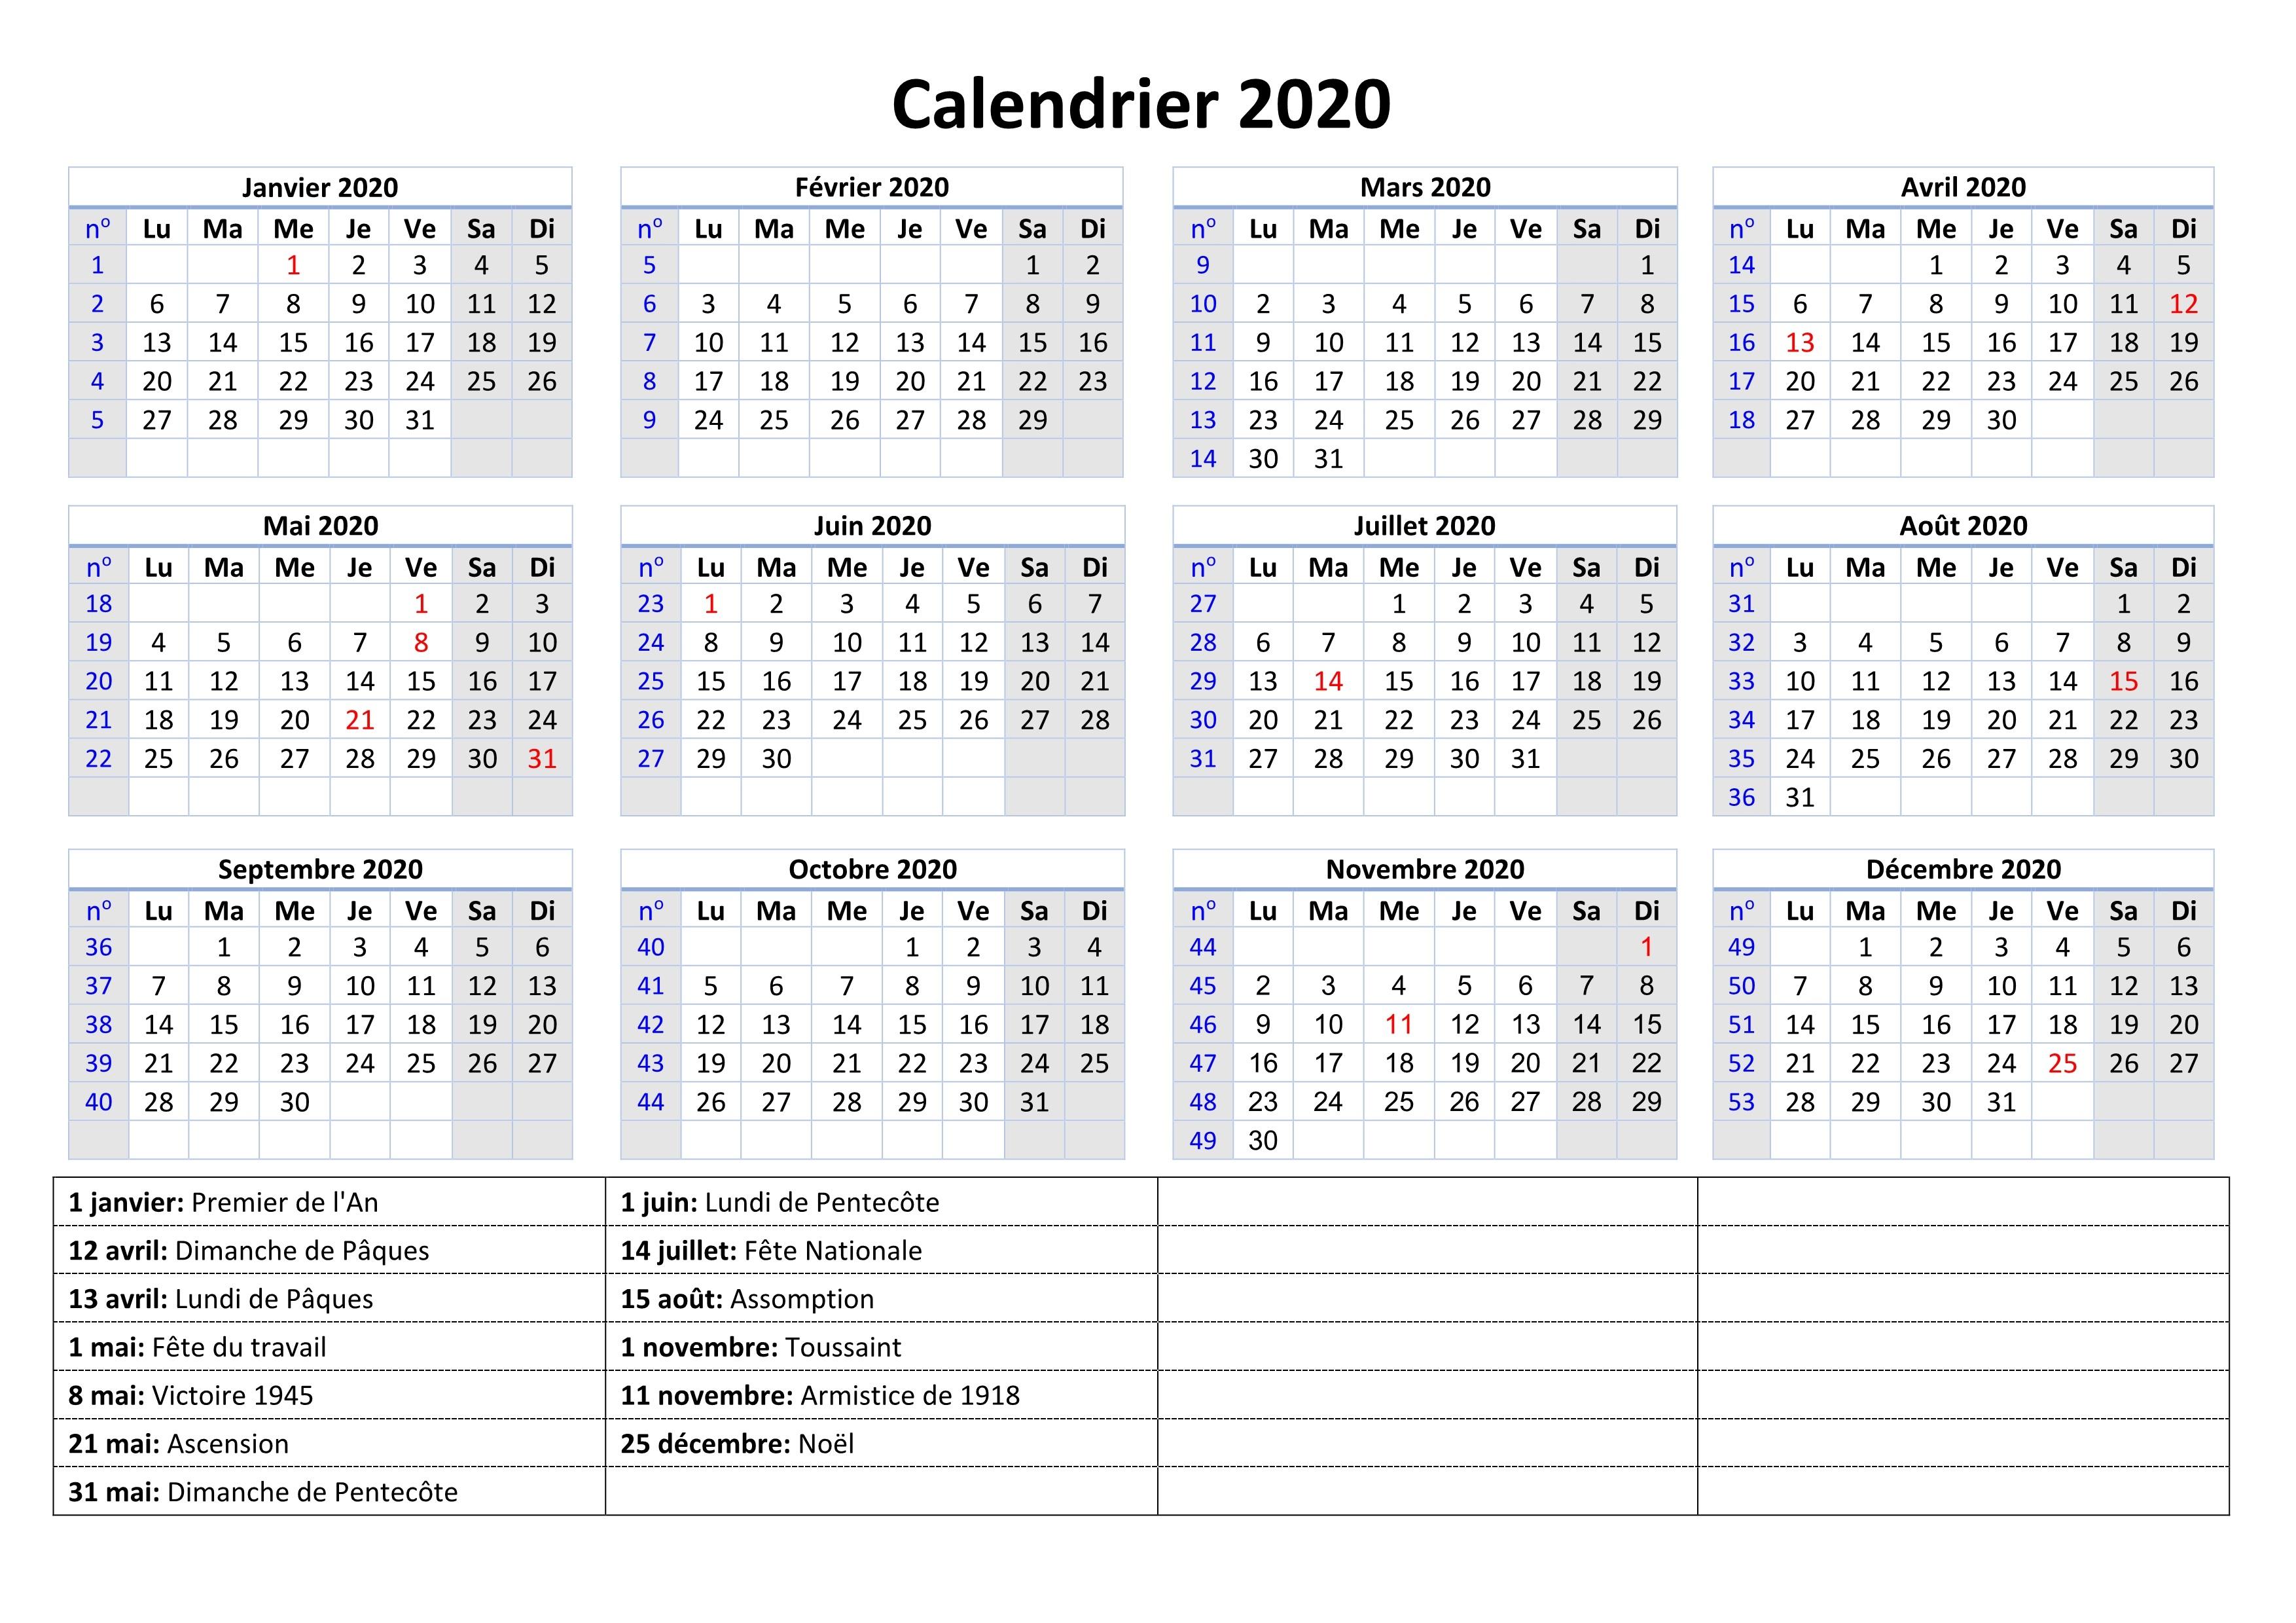 Calendrier 2020 Et 2020 Avec Vacances Scolaires.Calendrier Jours Feries 2020 Calendrier Vacances Pdf